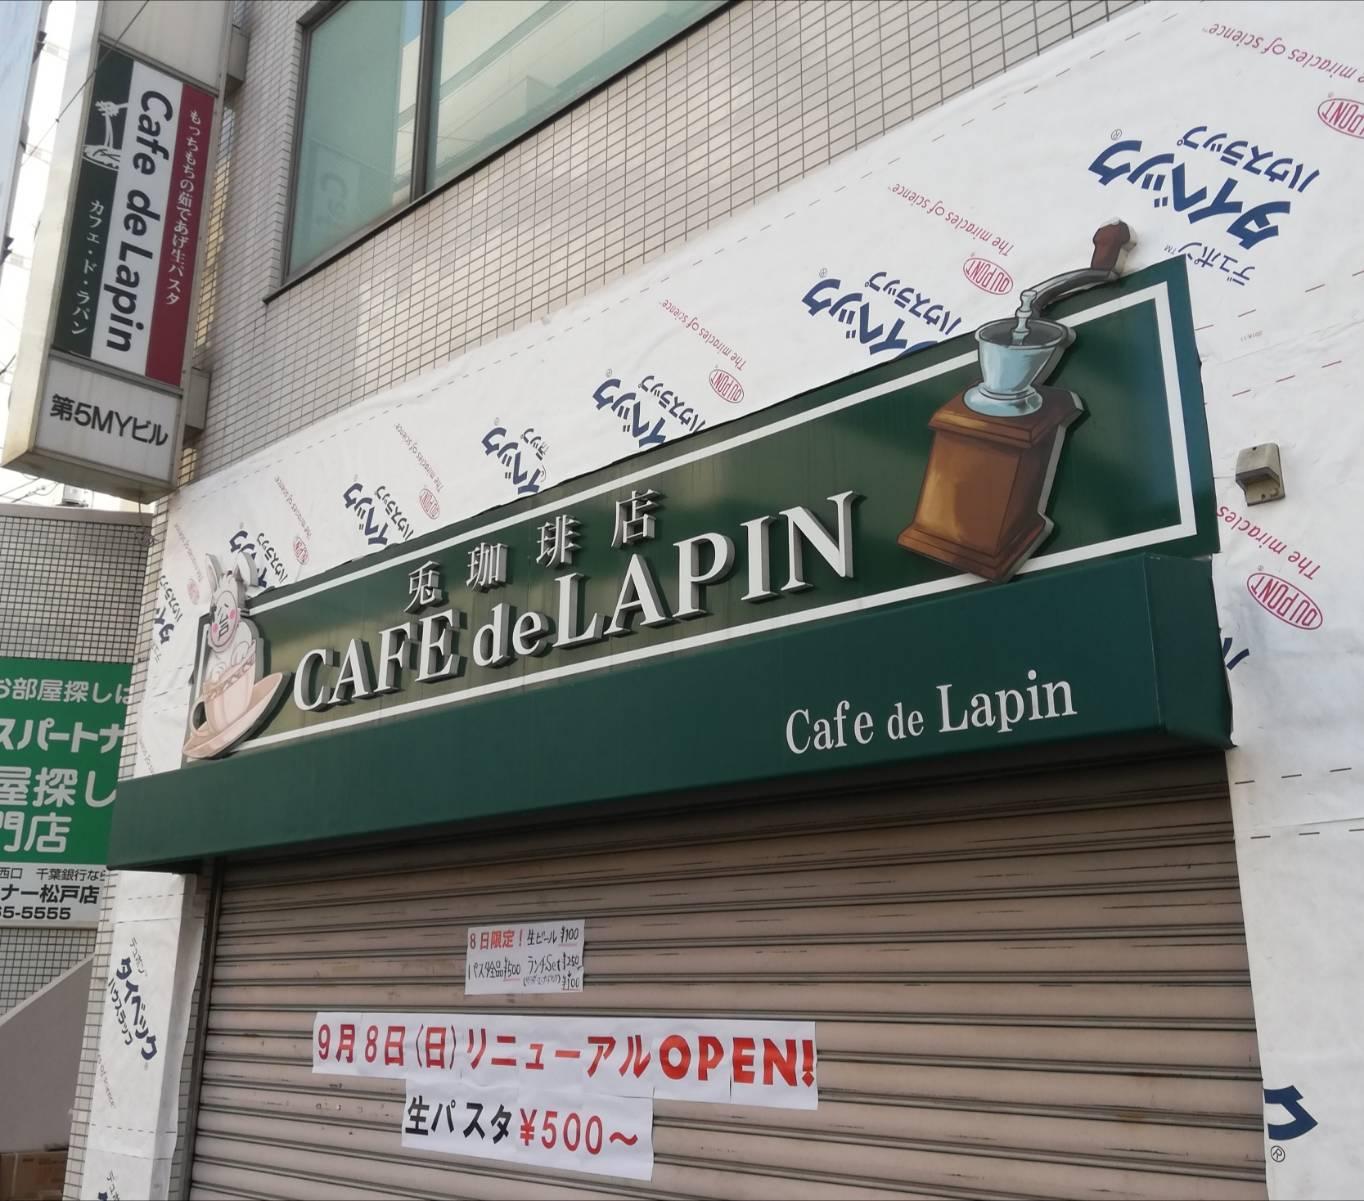 カフェ ド ラパン 松戸オープン9月